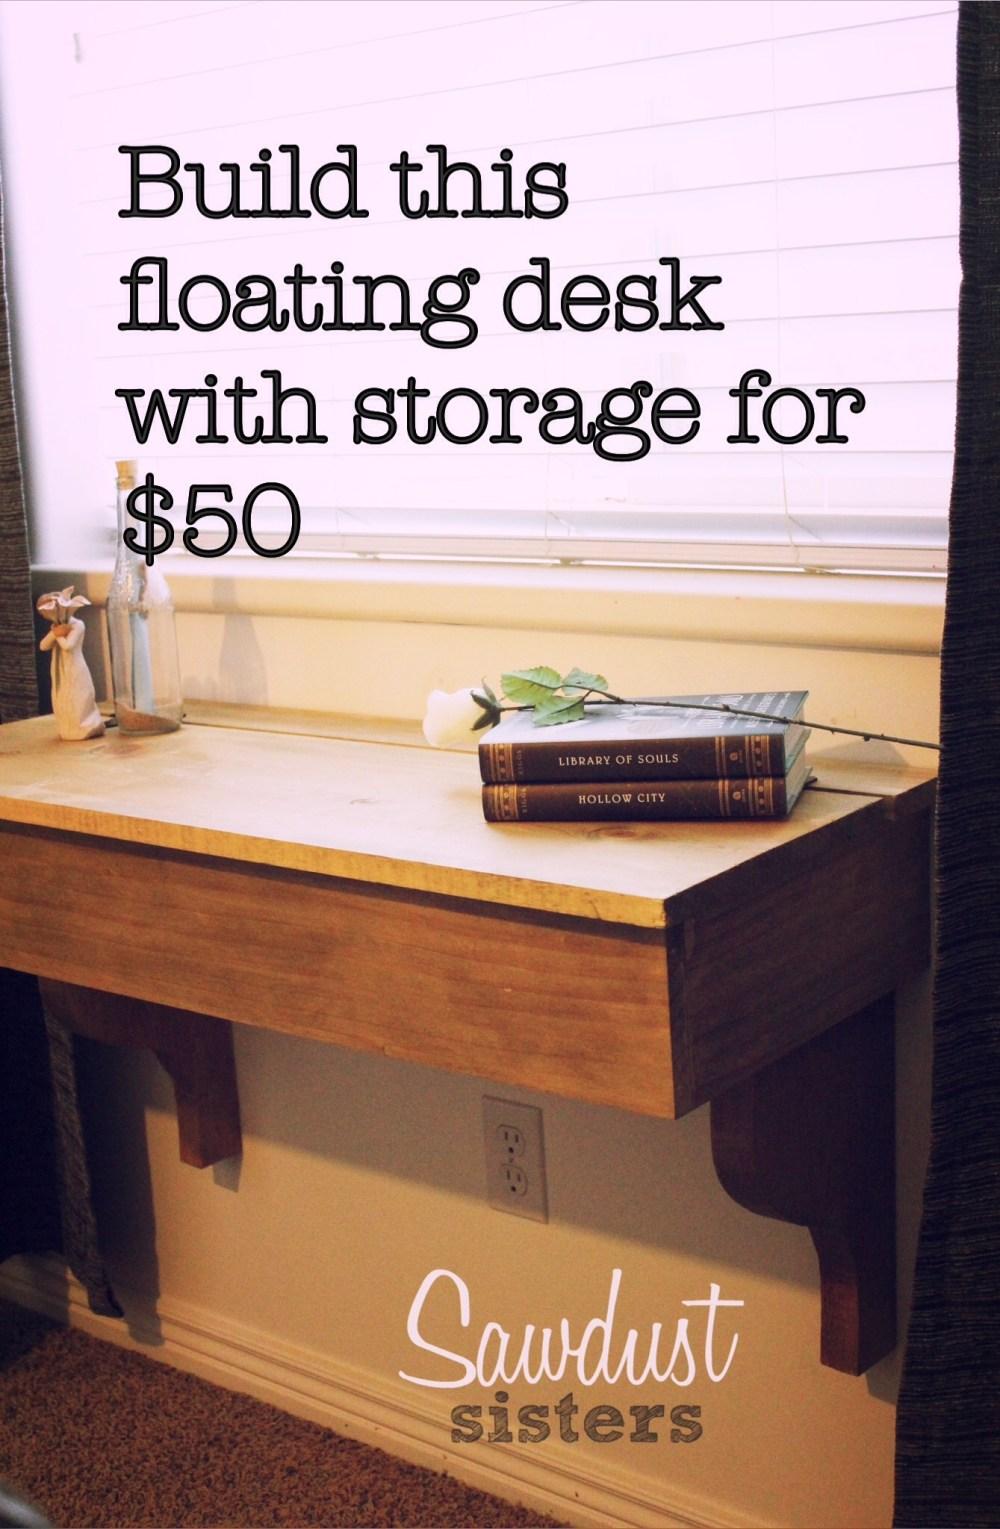 Diy Floating Desk Vanity With Storage - Sawdust Sisters